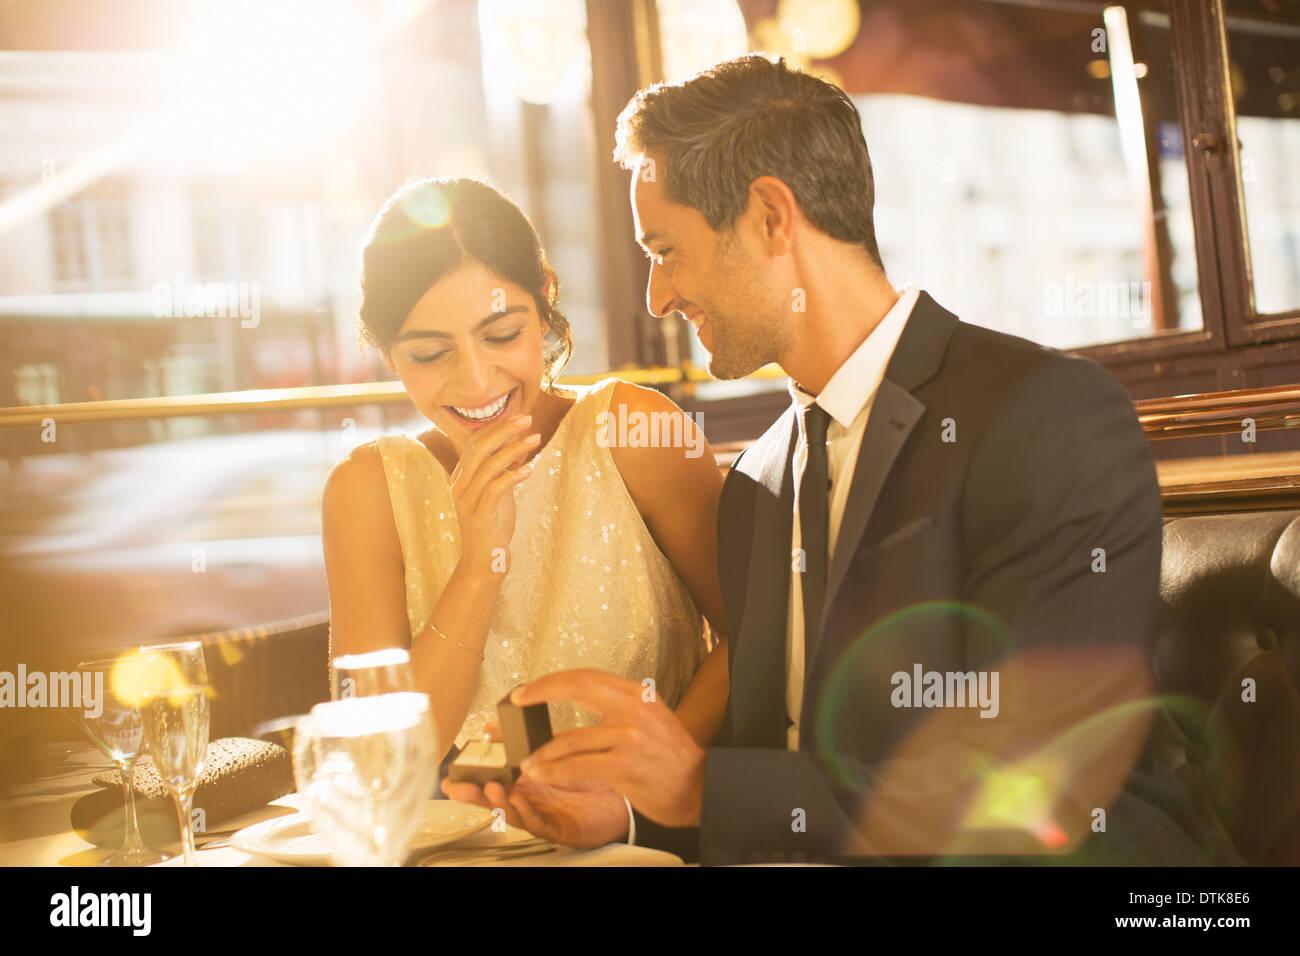 El hombre propone novia en restaurante. Imagen De Stock